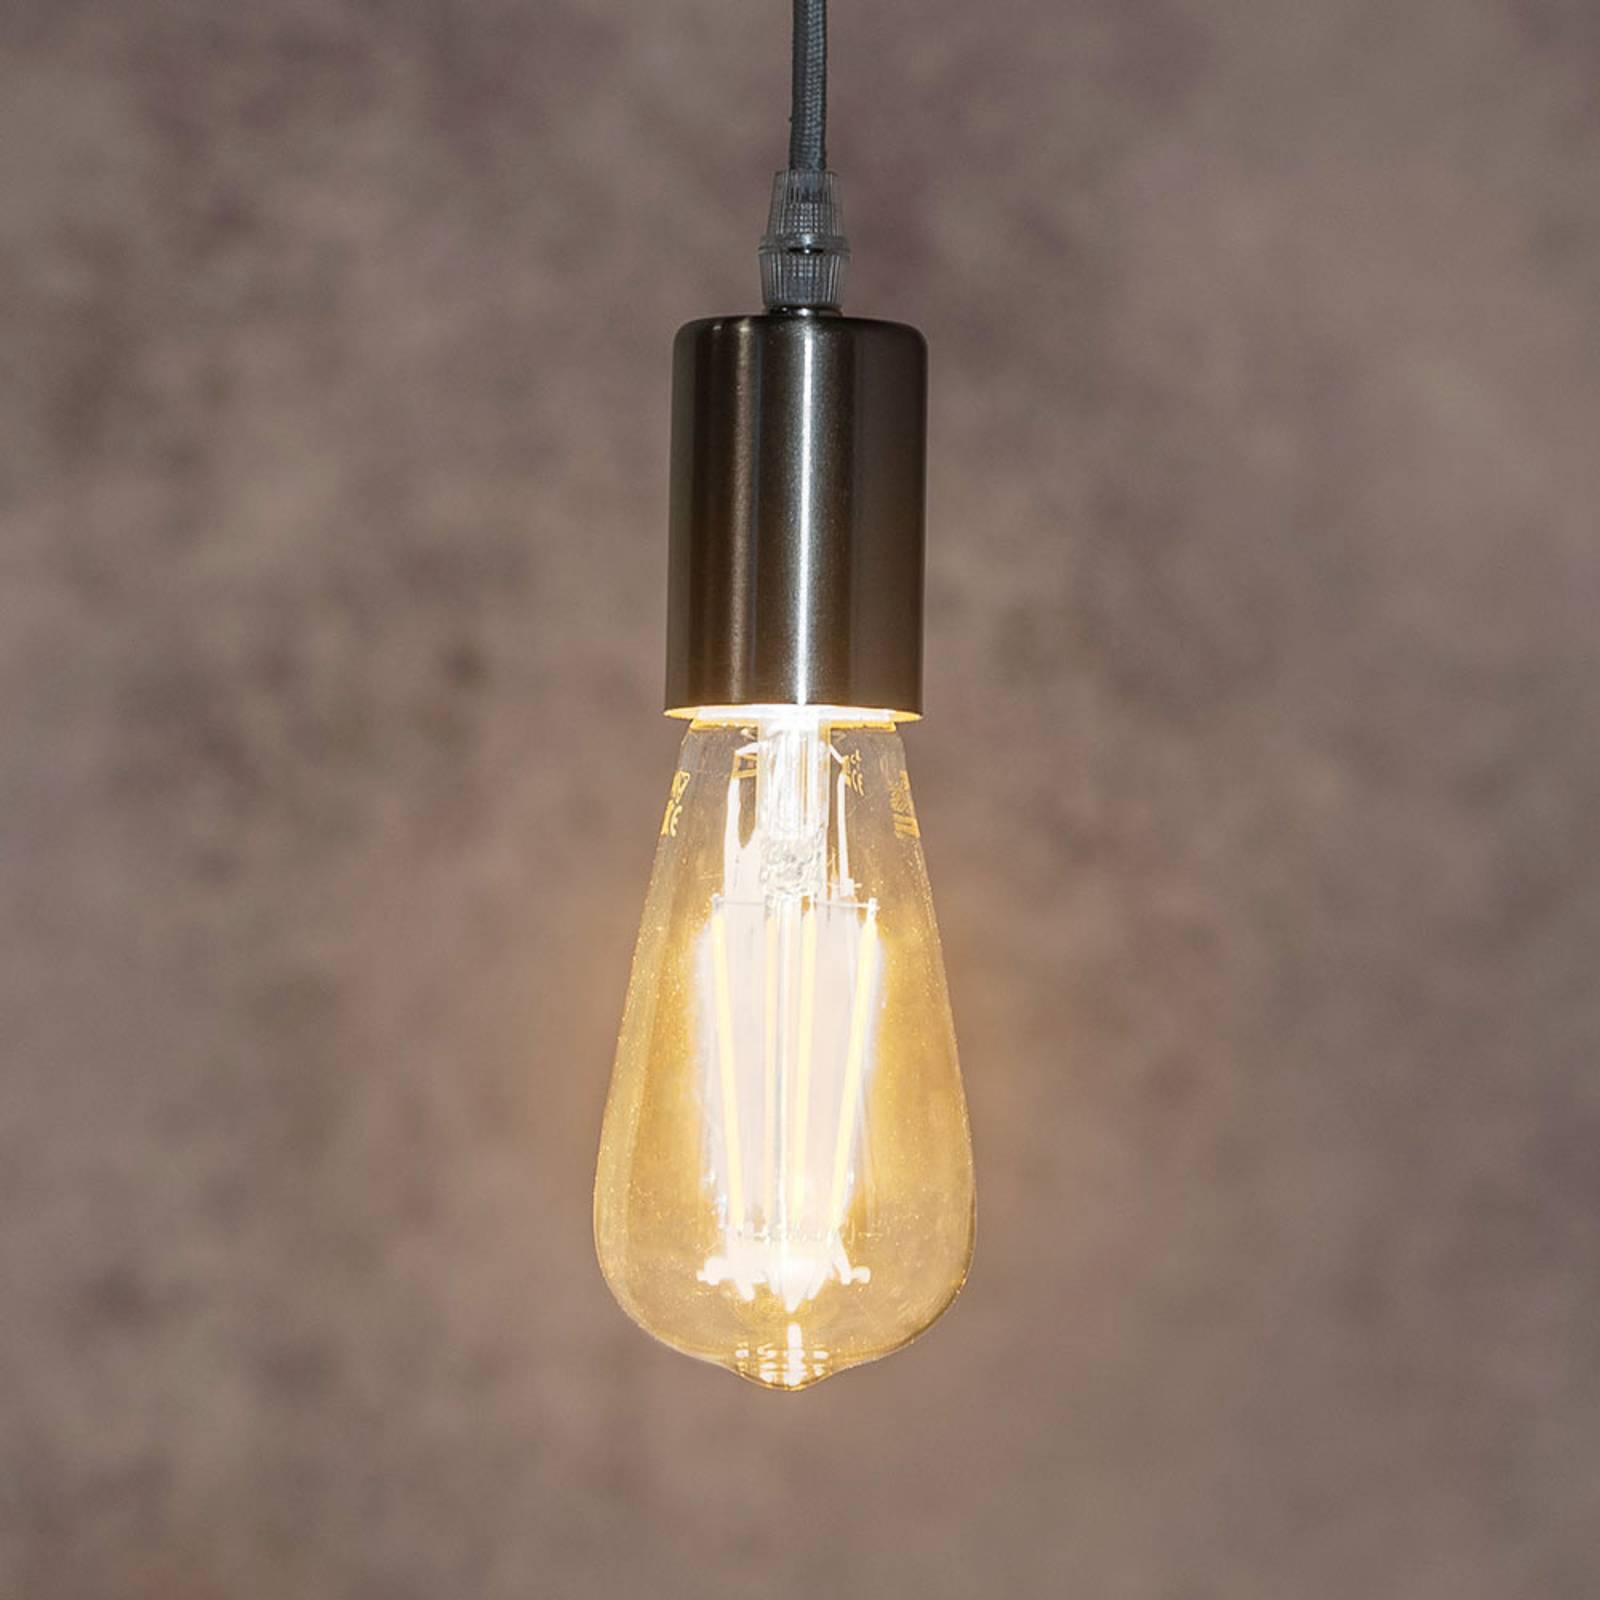 Cavo grigio - lampada a sospensione Haiko